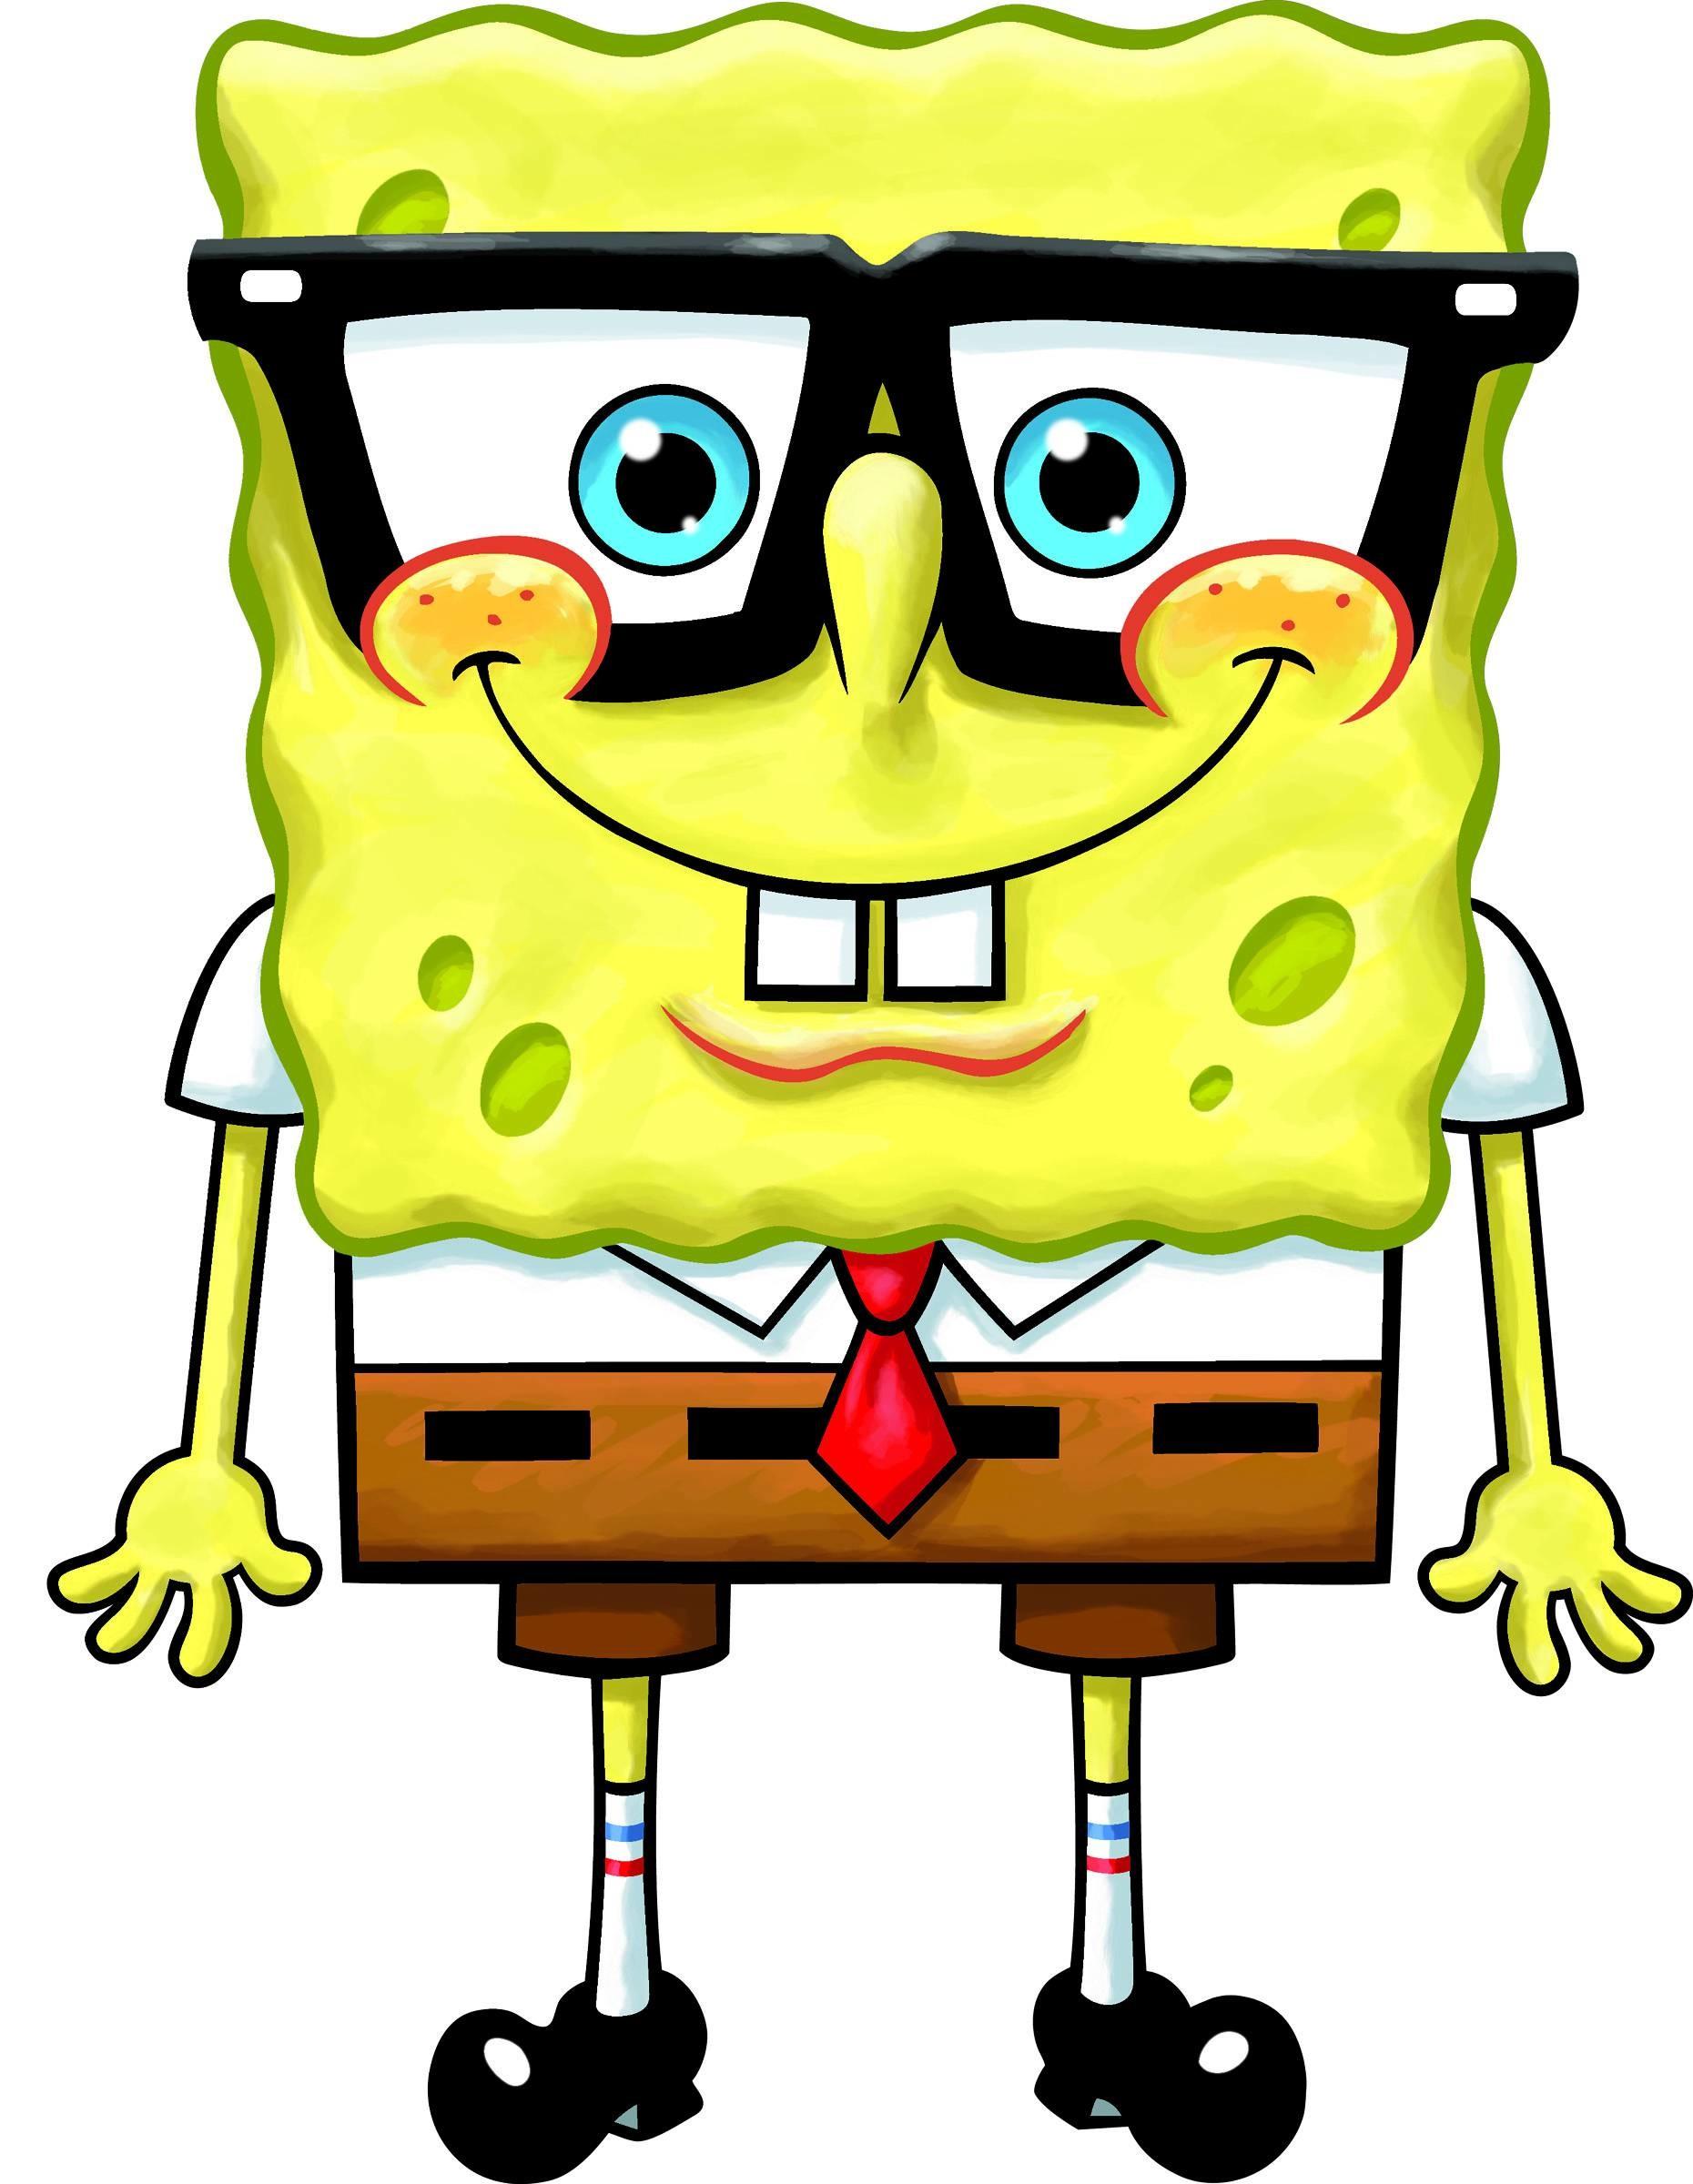 Spongebob Squarepants and Patrick wallpaper – spongebob-squarepants  Wallpaper | BG/Wallpaper/Pattern | Pinterest | Spongebob, Spongebob  squarepants and …